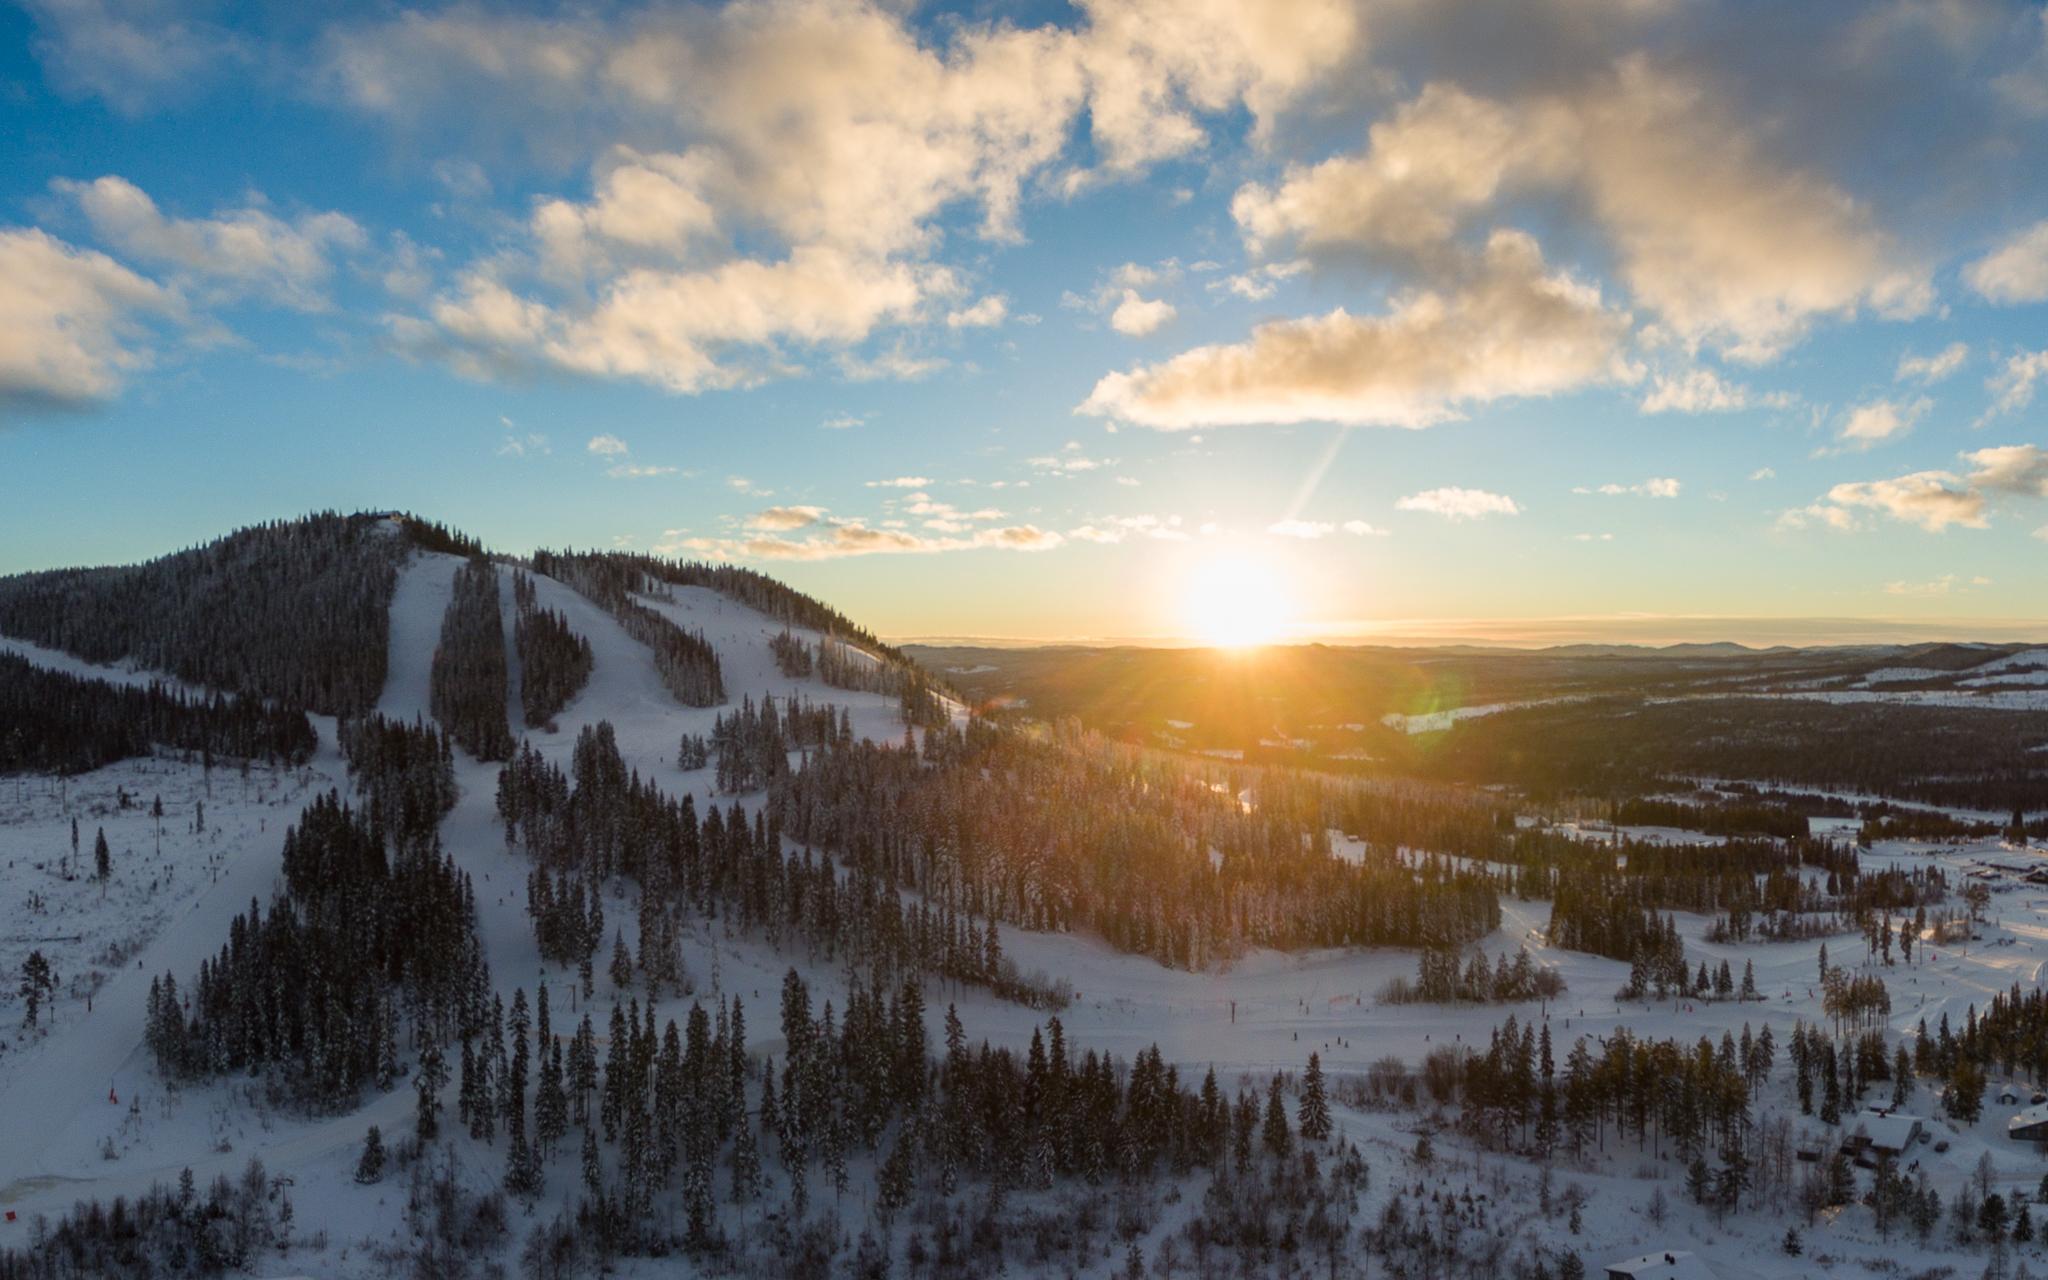 Kläppens skianläggning